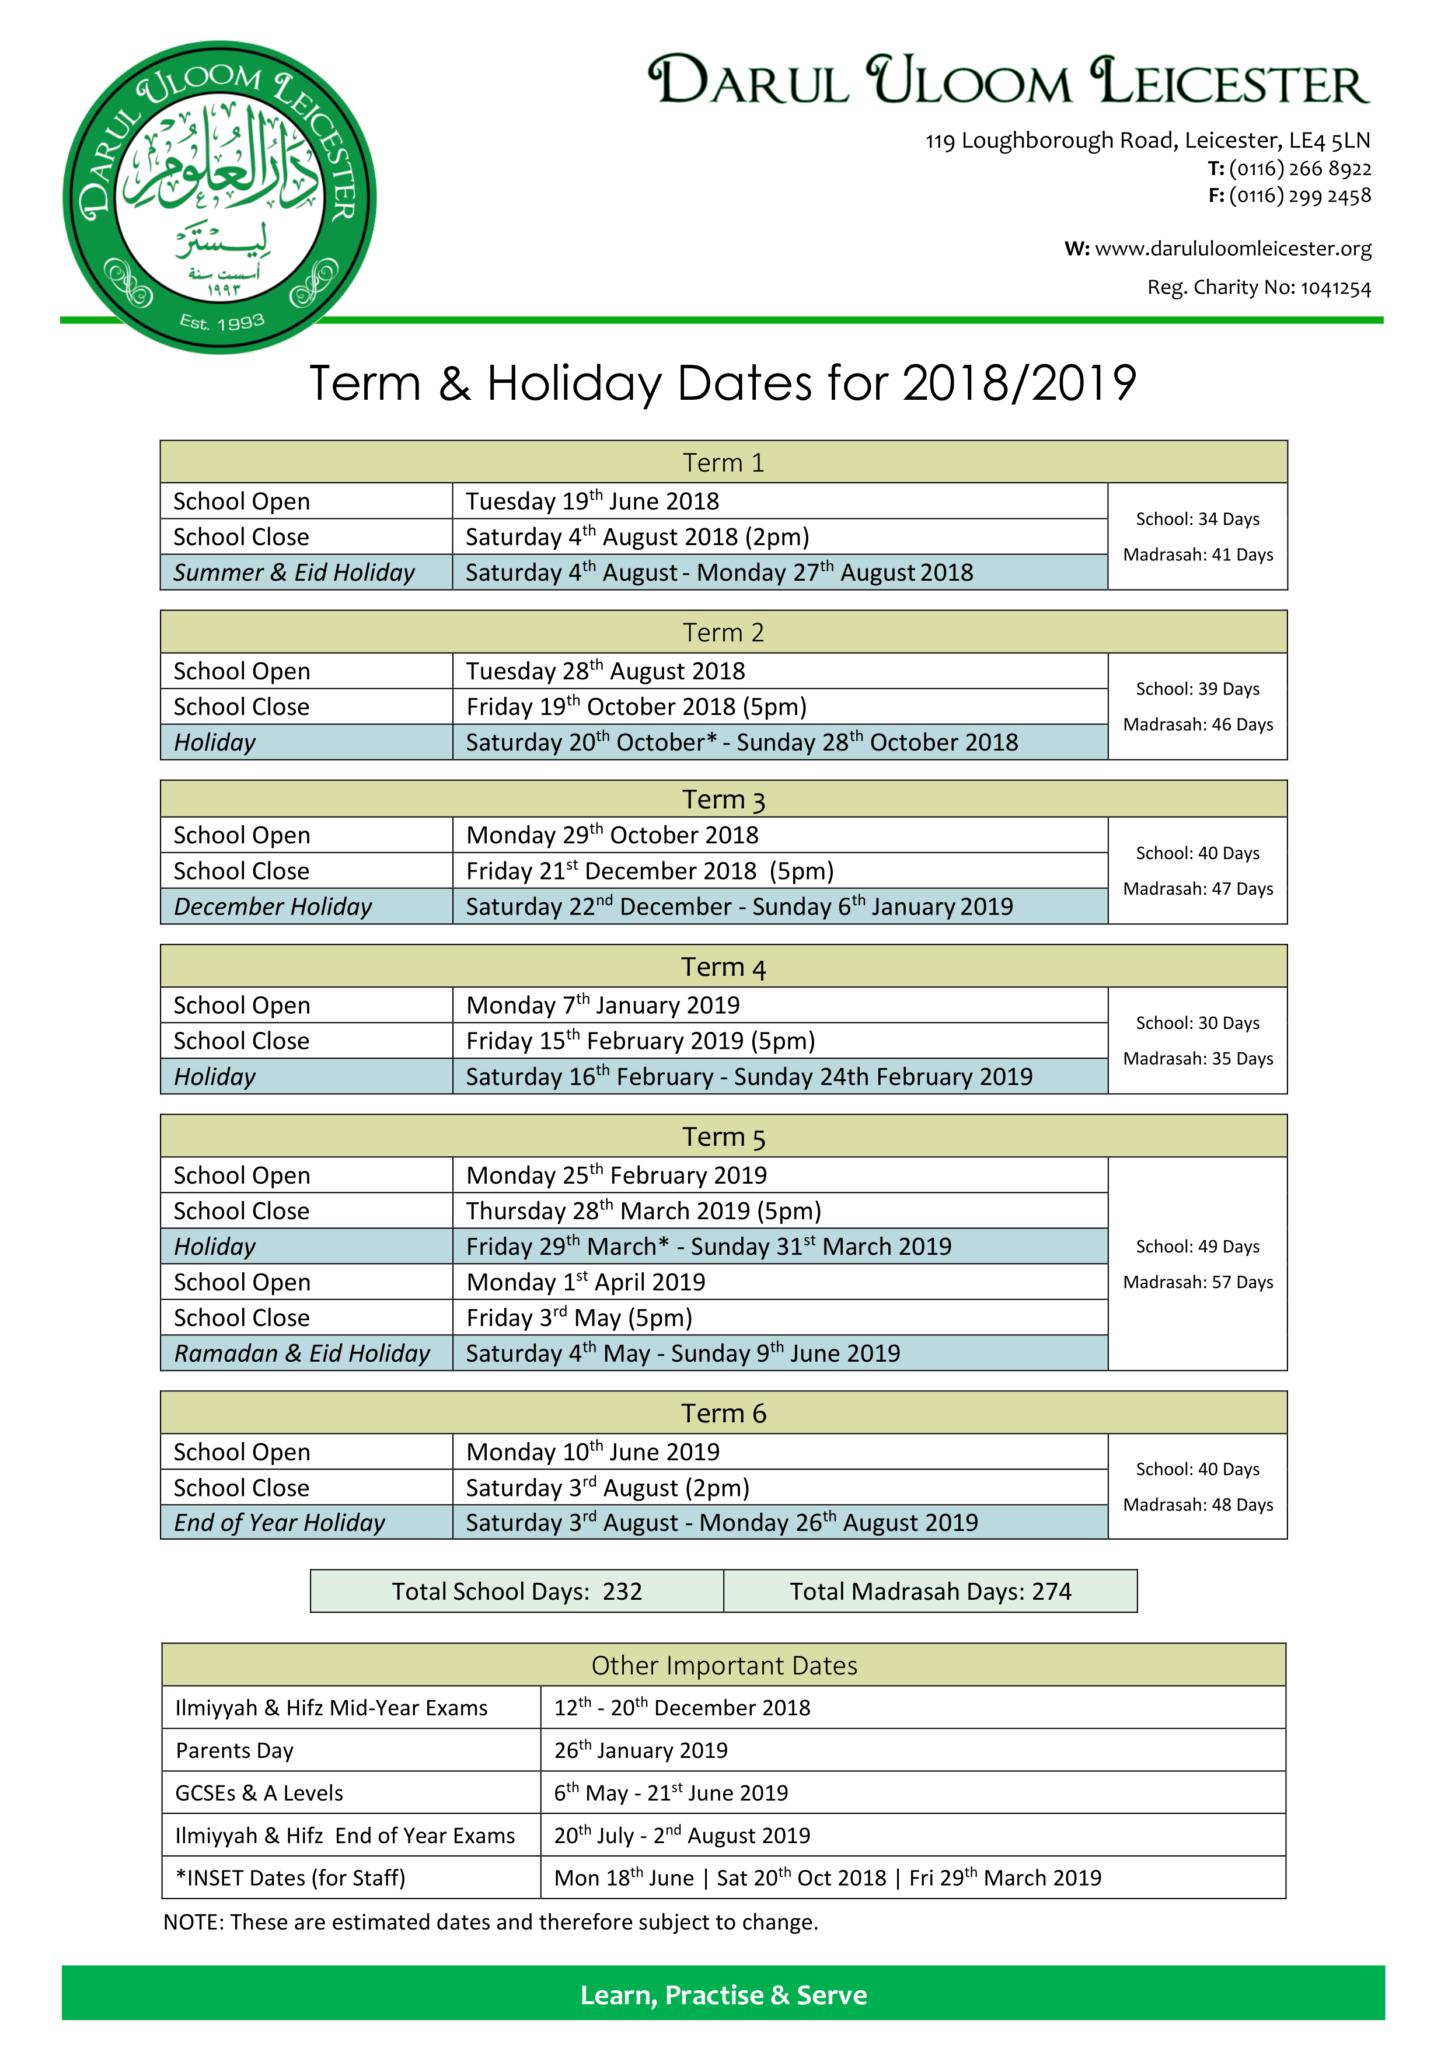 Calendar Darul Uloom Leicester